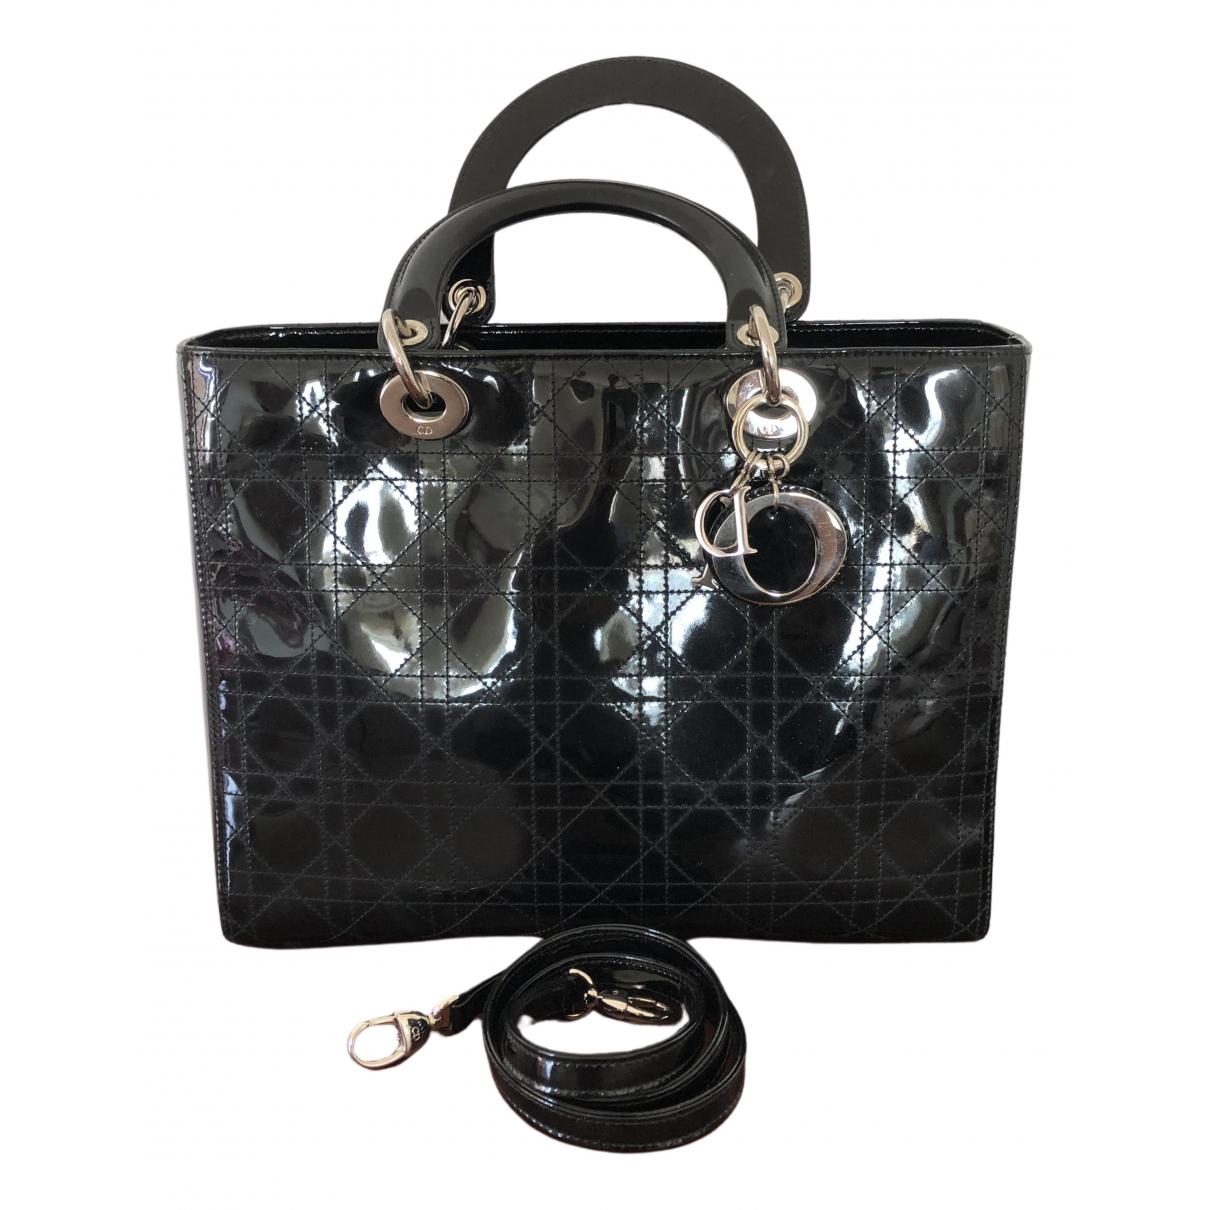 Dior - Sac a main Lady Dior pour femme en cuir verni - noir